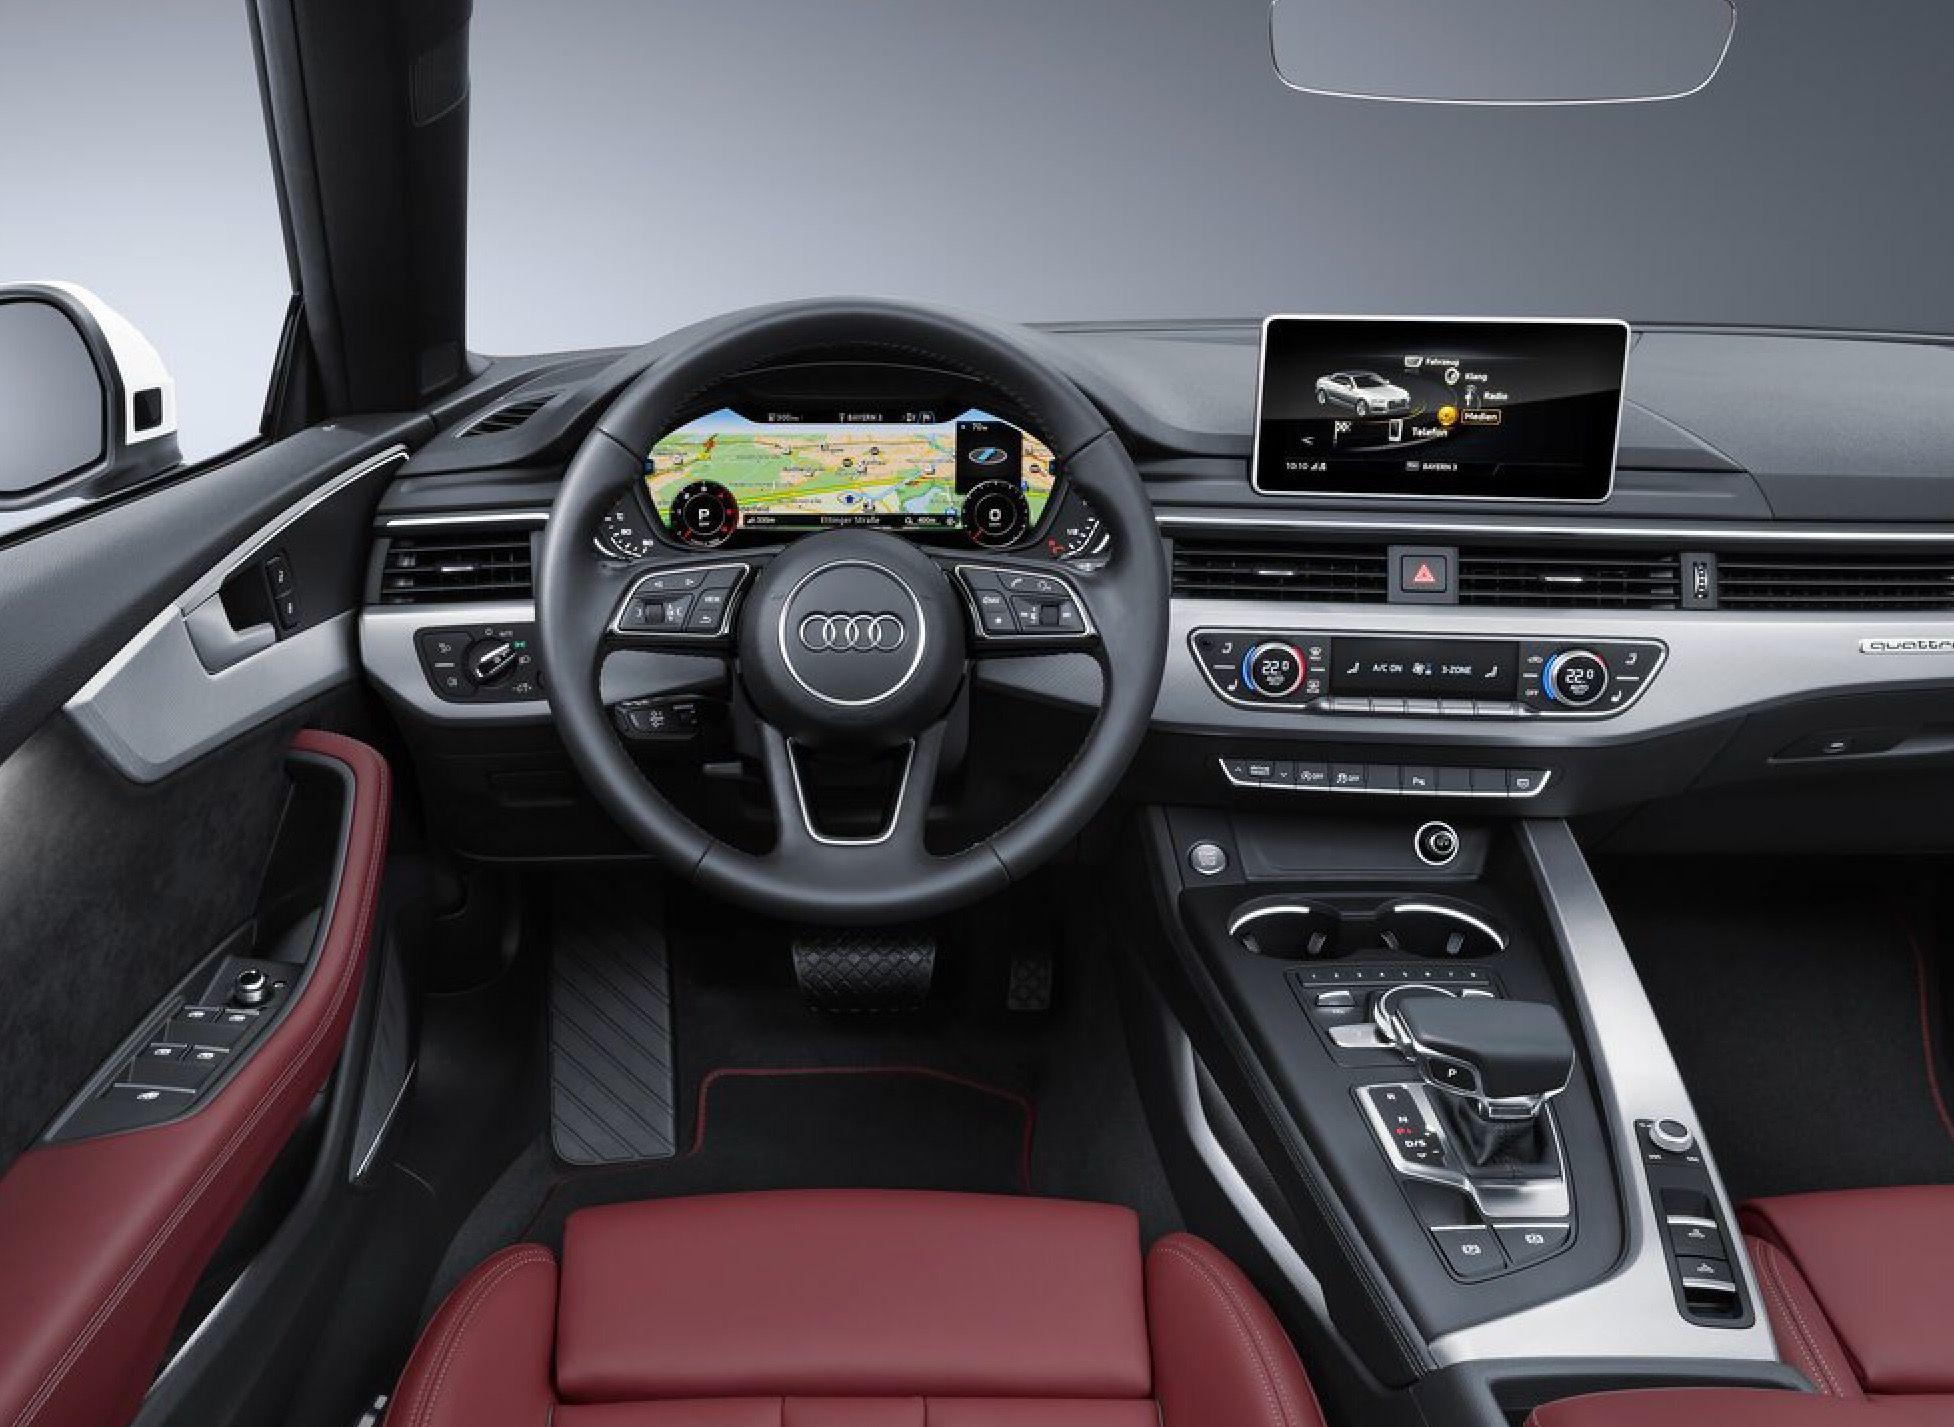 Captivating 2017 Audi A5 Cabrio Interior